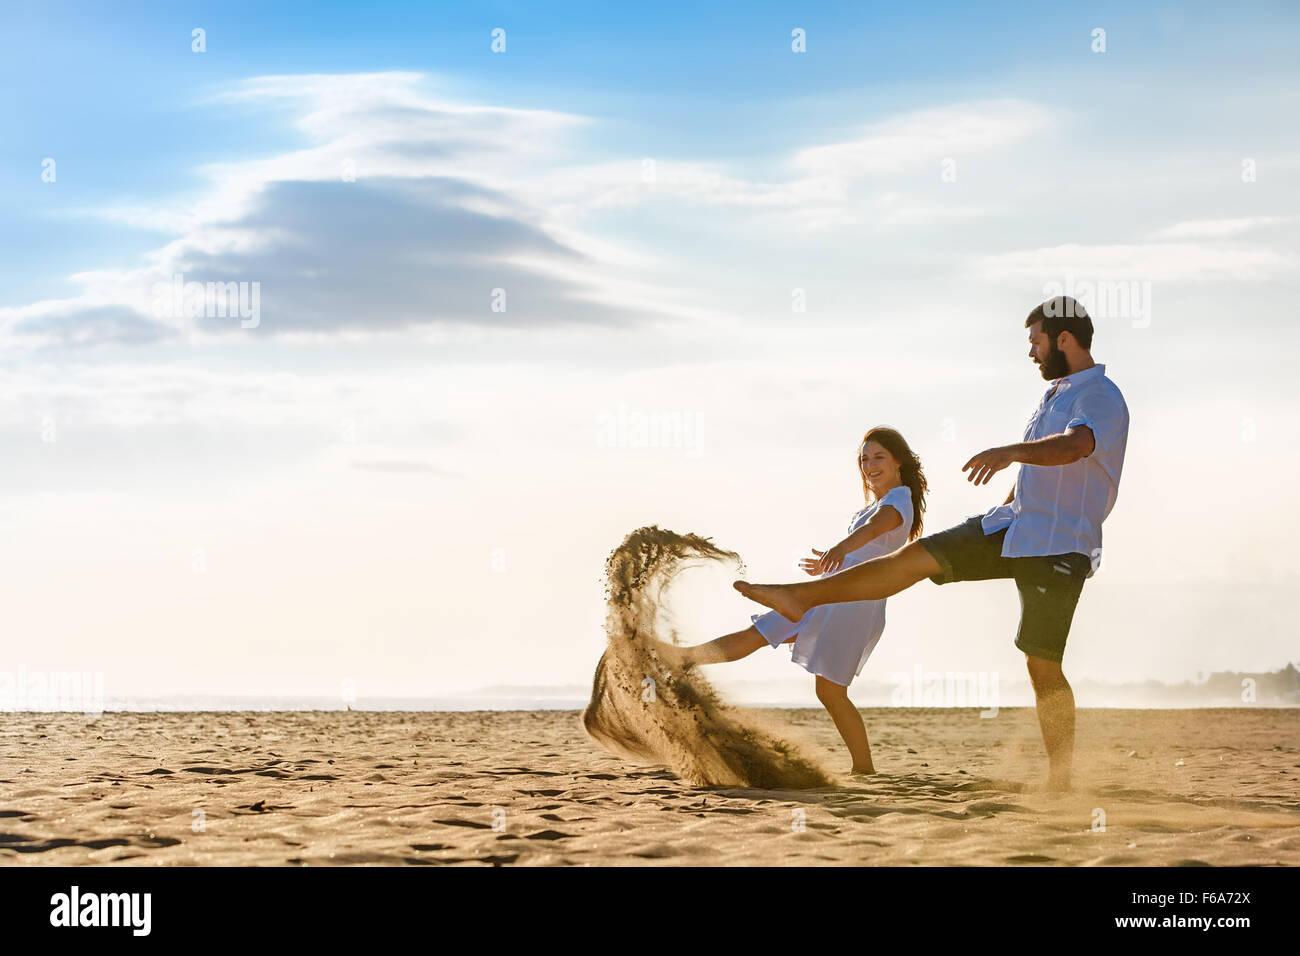 Felice famiglia sposi in luna di miele vacanze - appena sposato amorevole moglie e marito eseguire con il divertimento Immagini Stock